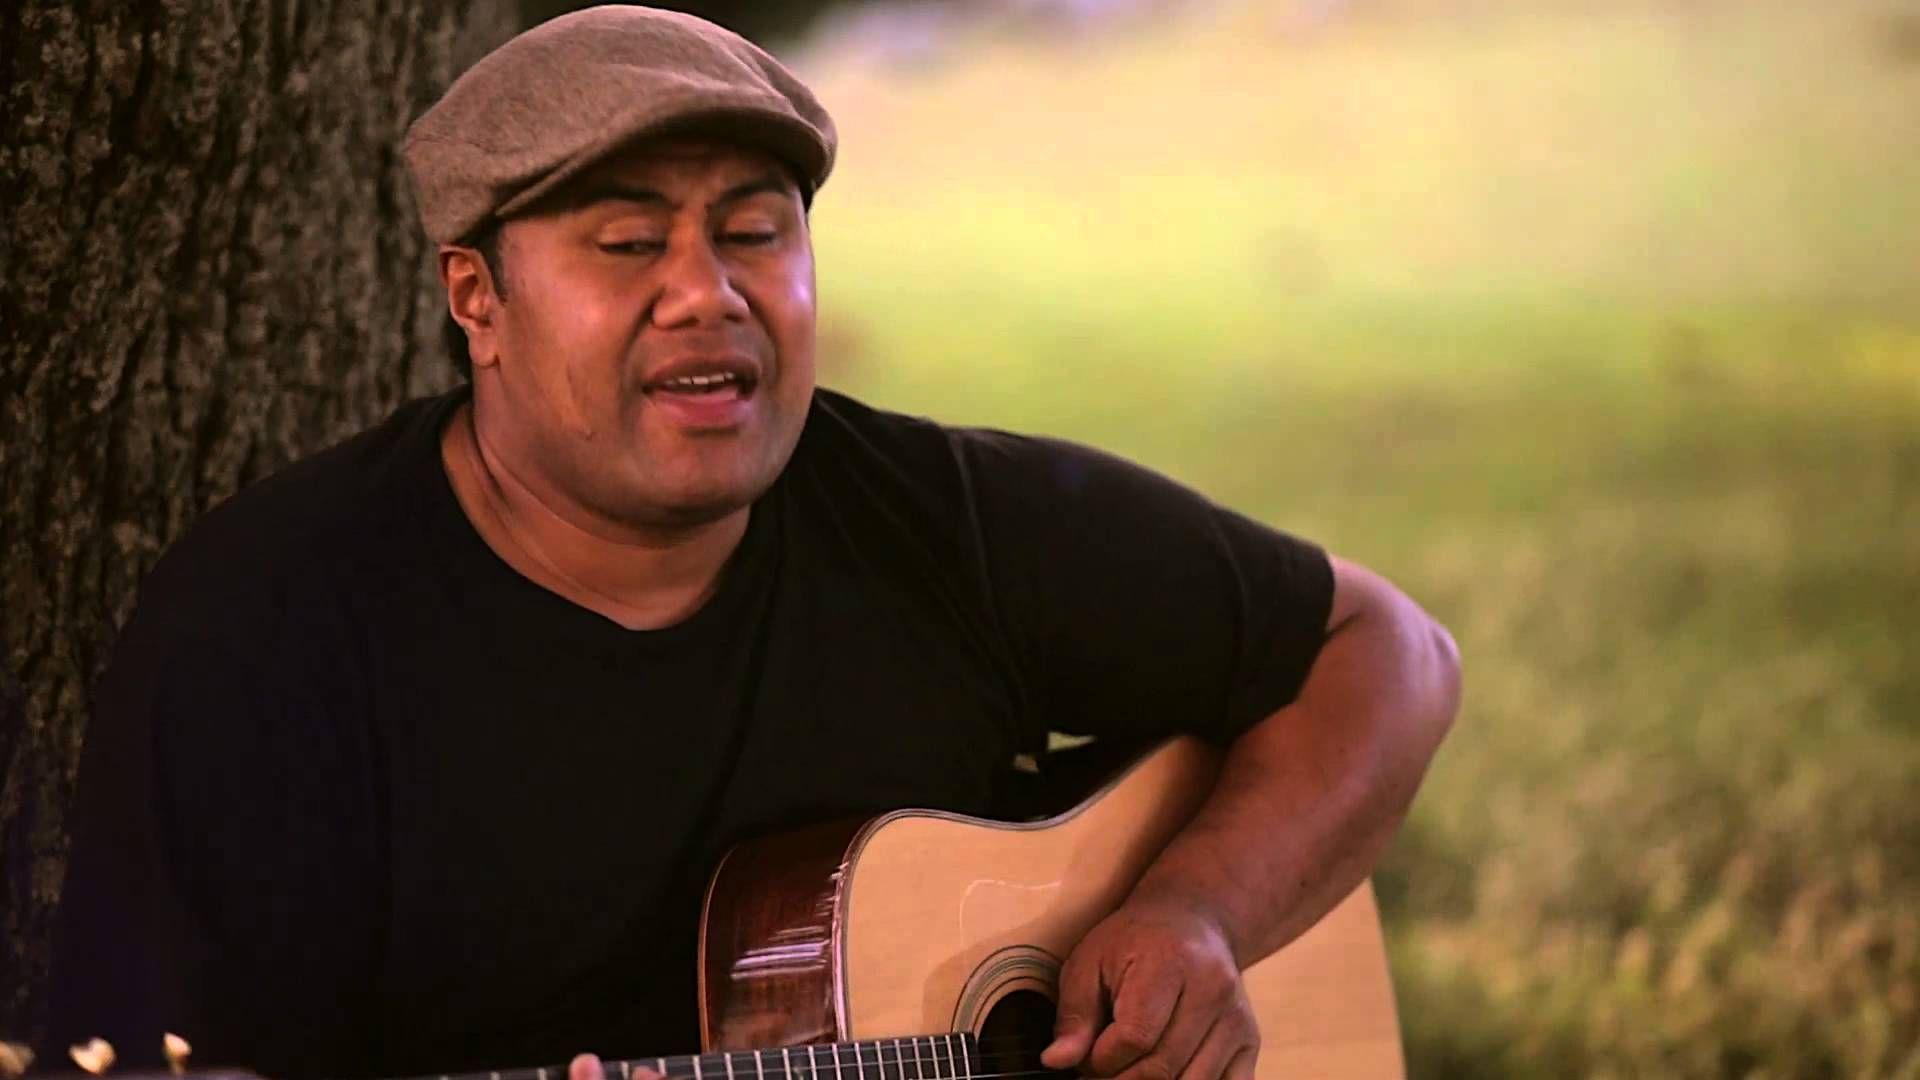 Samoan Gospel Medley Gospel music, Gospel, Pentecostal